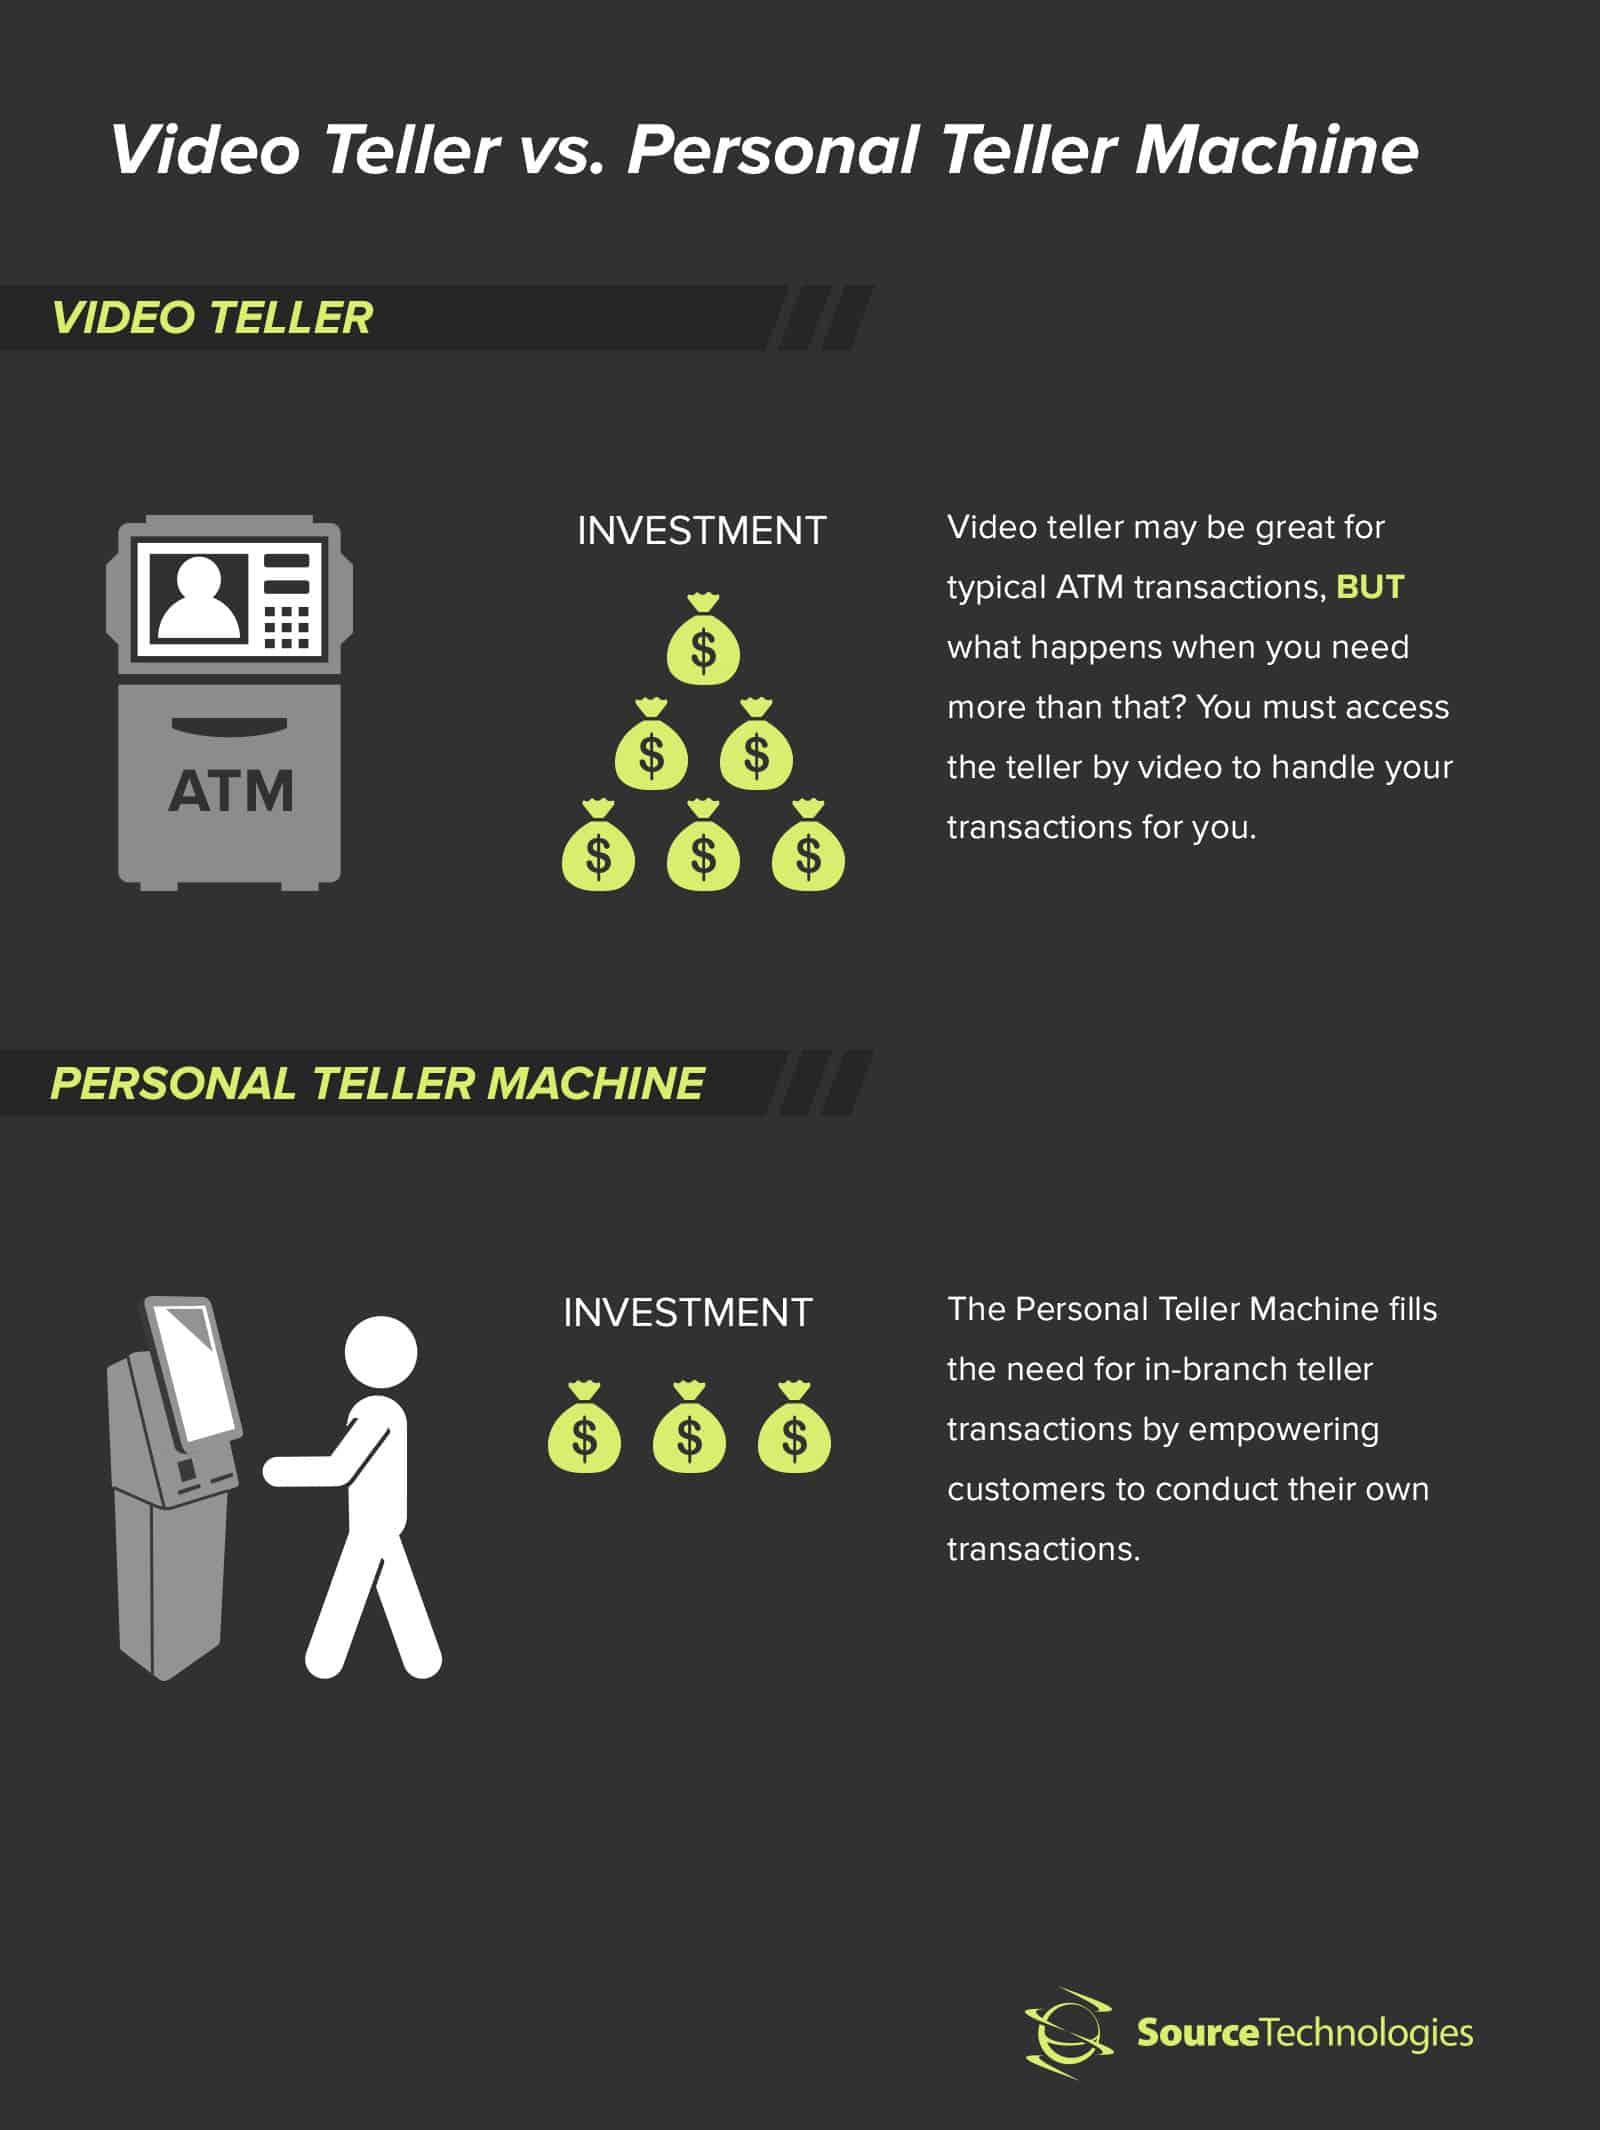 video-teller-vs-personal-teller-machine